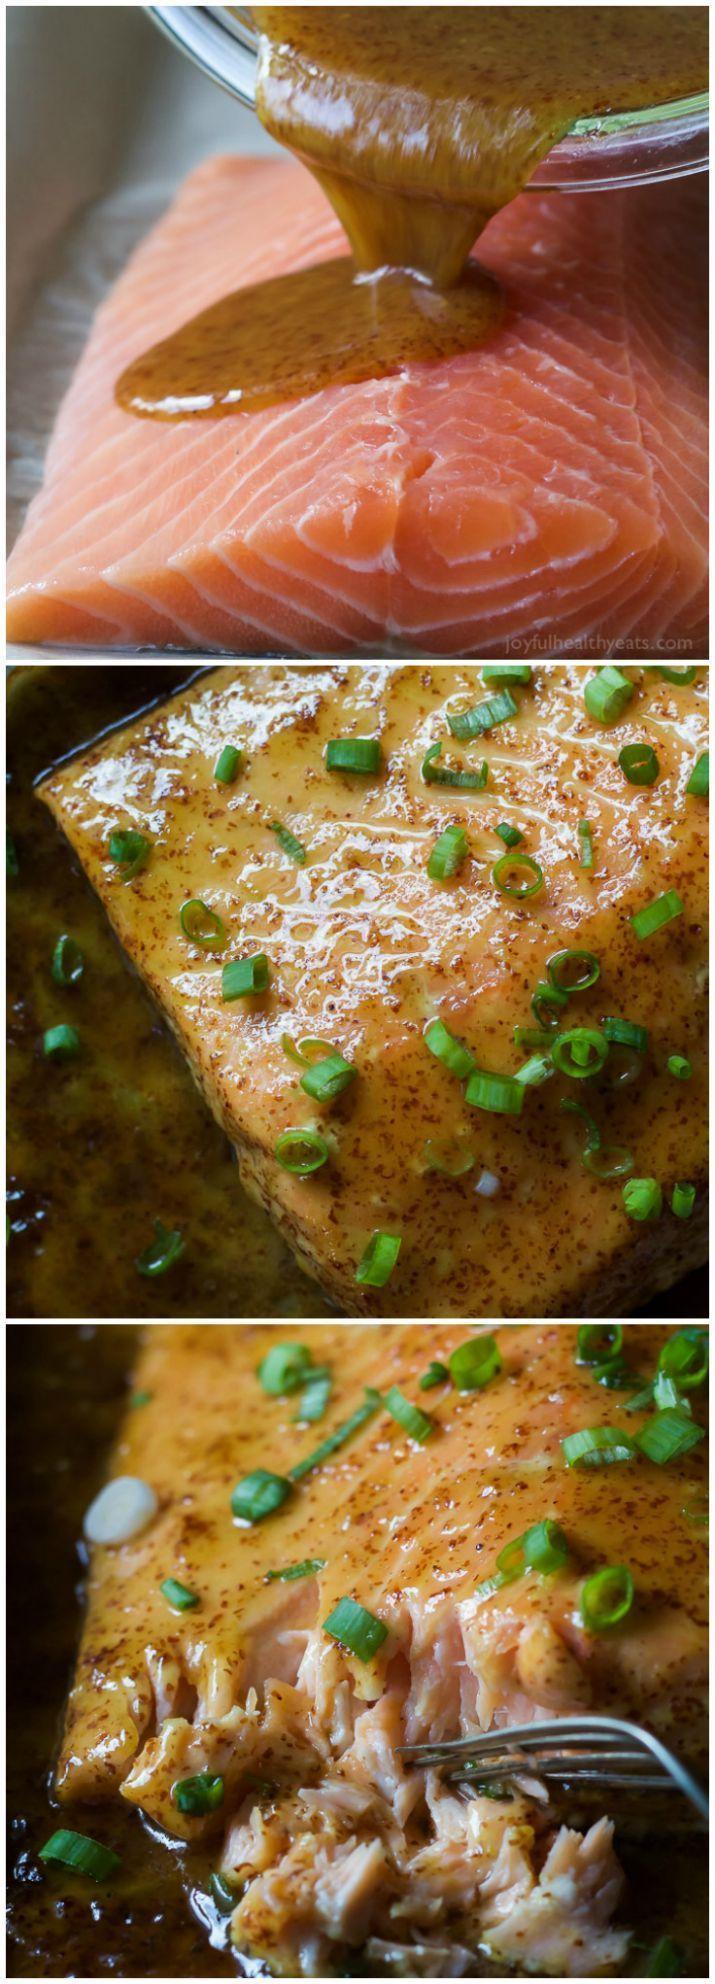 Photo of Dijon Ahorn glasierter Lachs | Schnelles und einfaches Rezept für glasierten Lachs